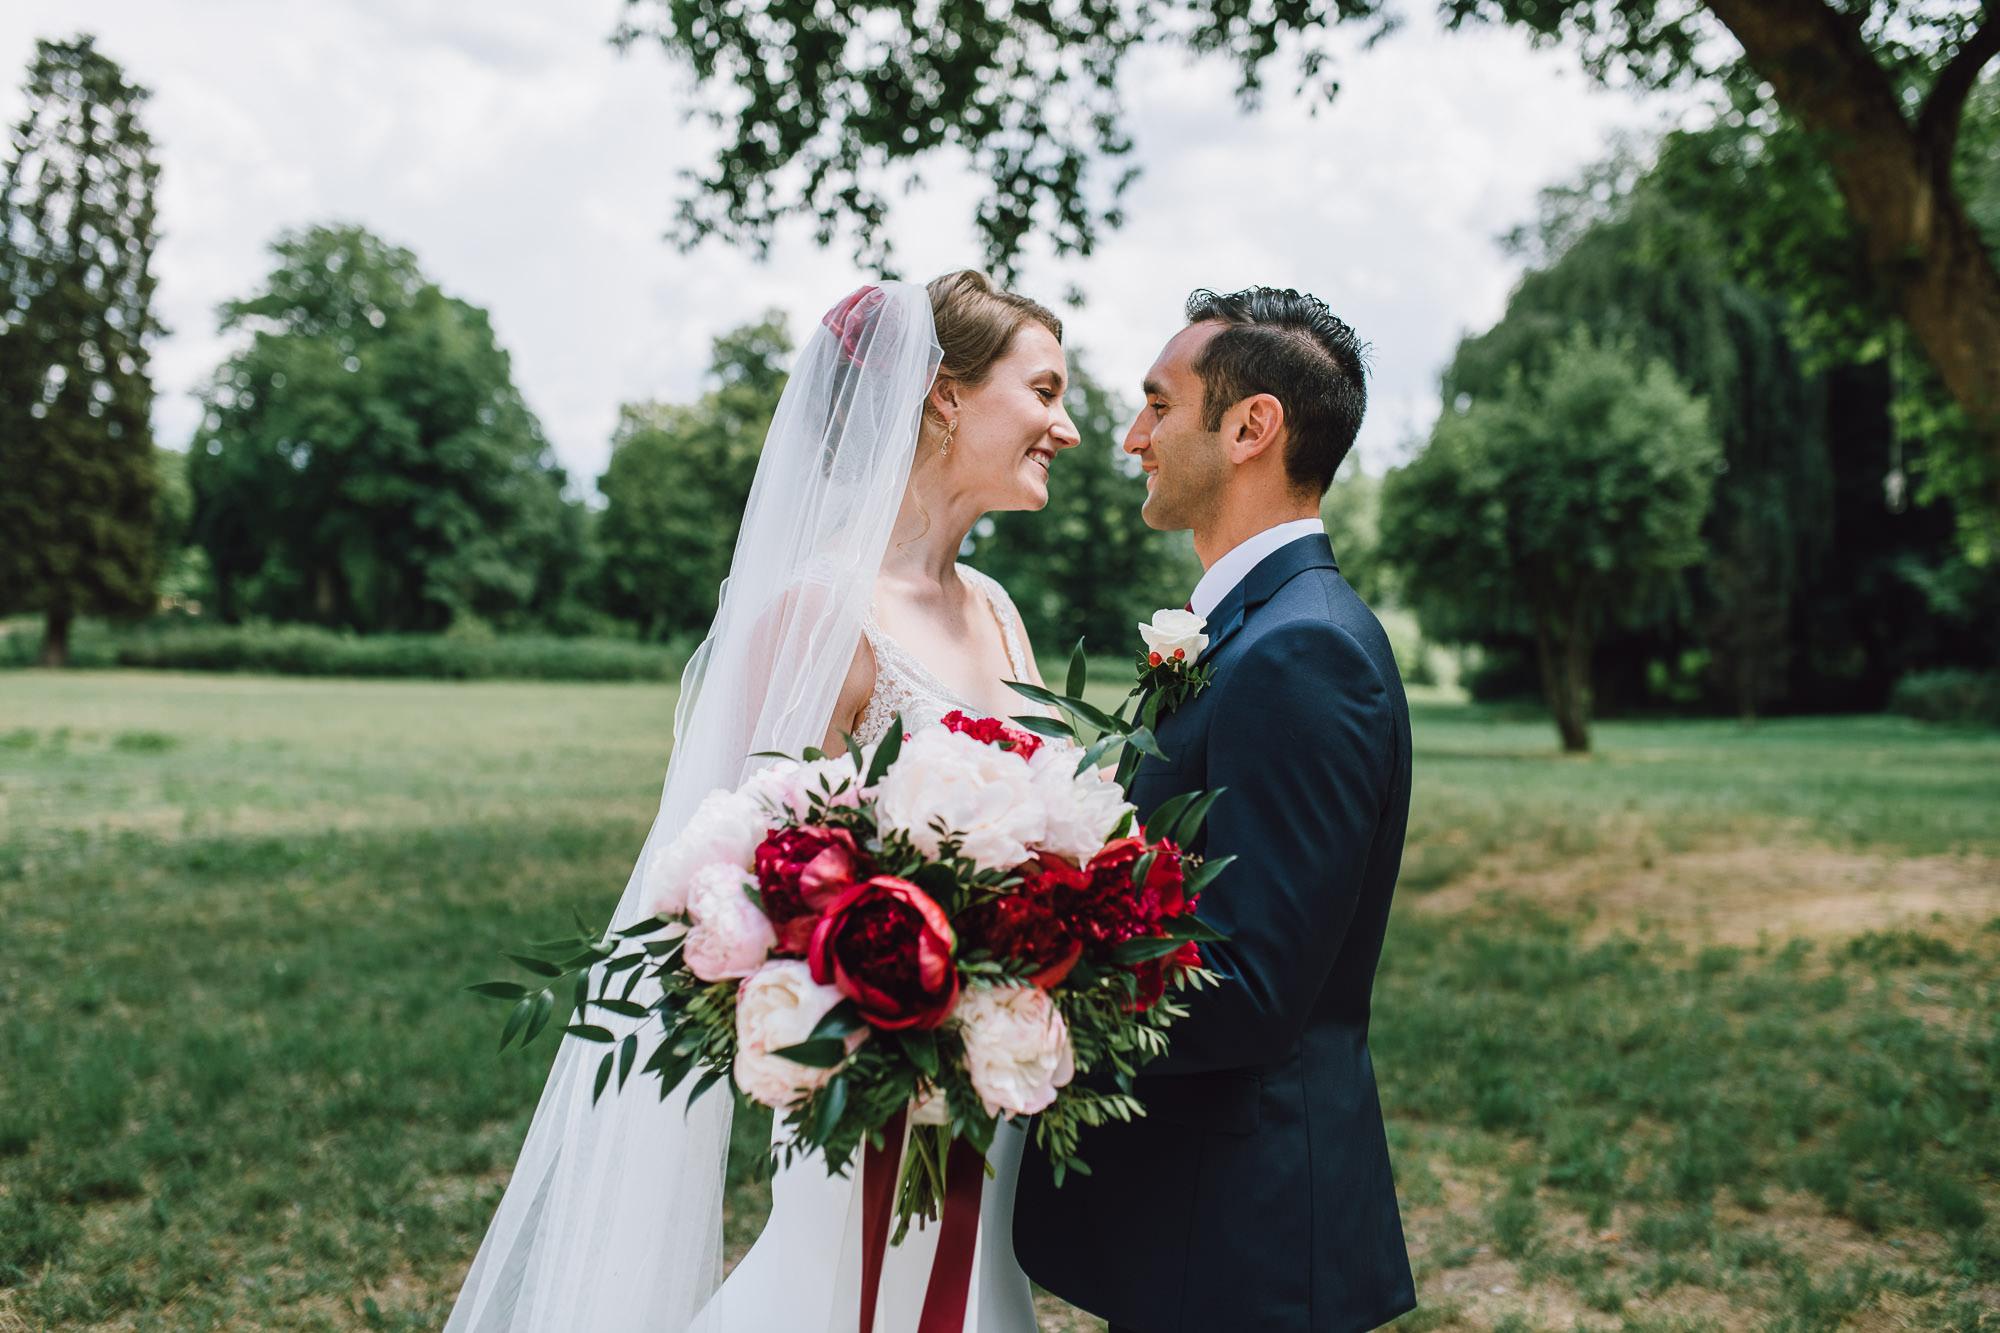 rustic-elegant-wedding-schloss-hochzeit-eyrichshof-franken-bamberg-039